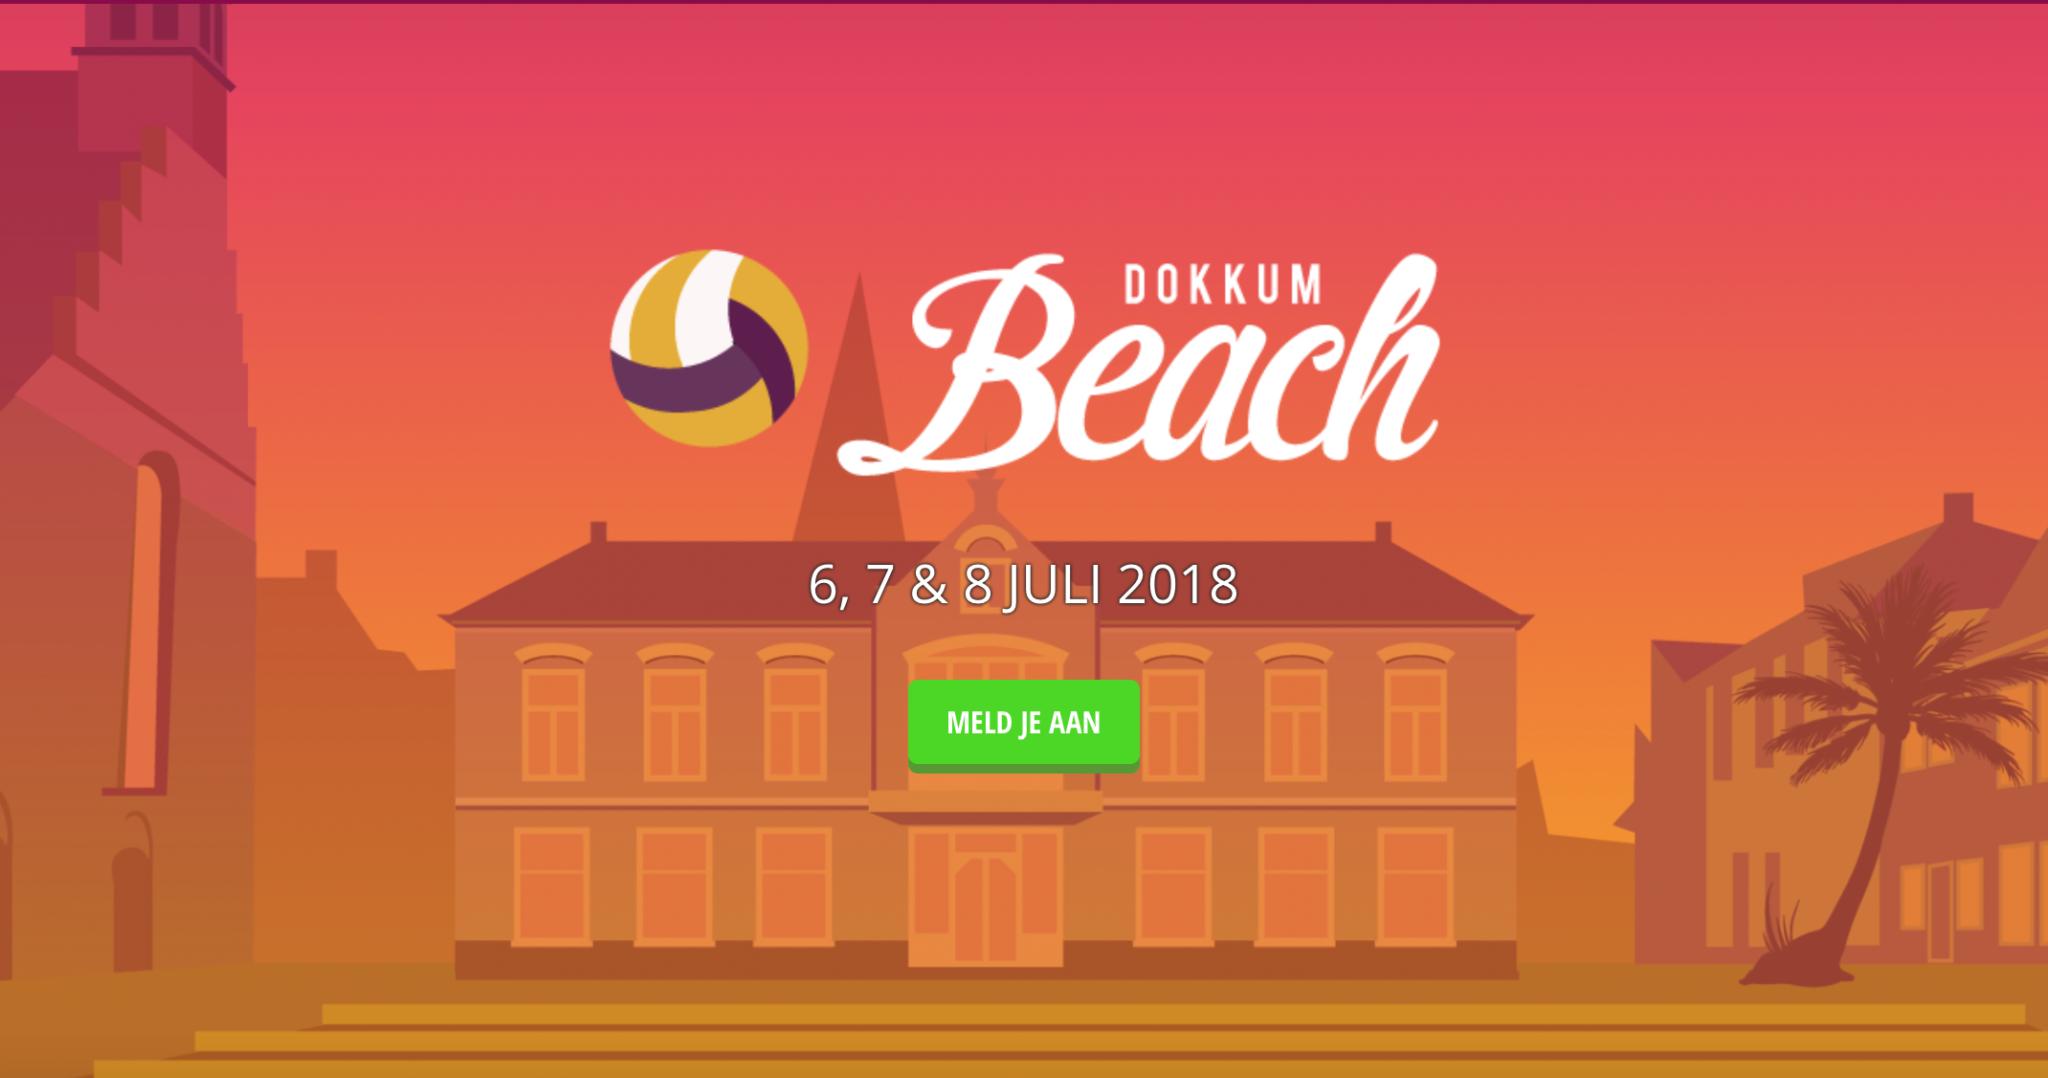 Dokkum Beach @ De Helling